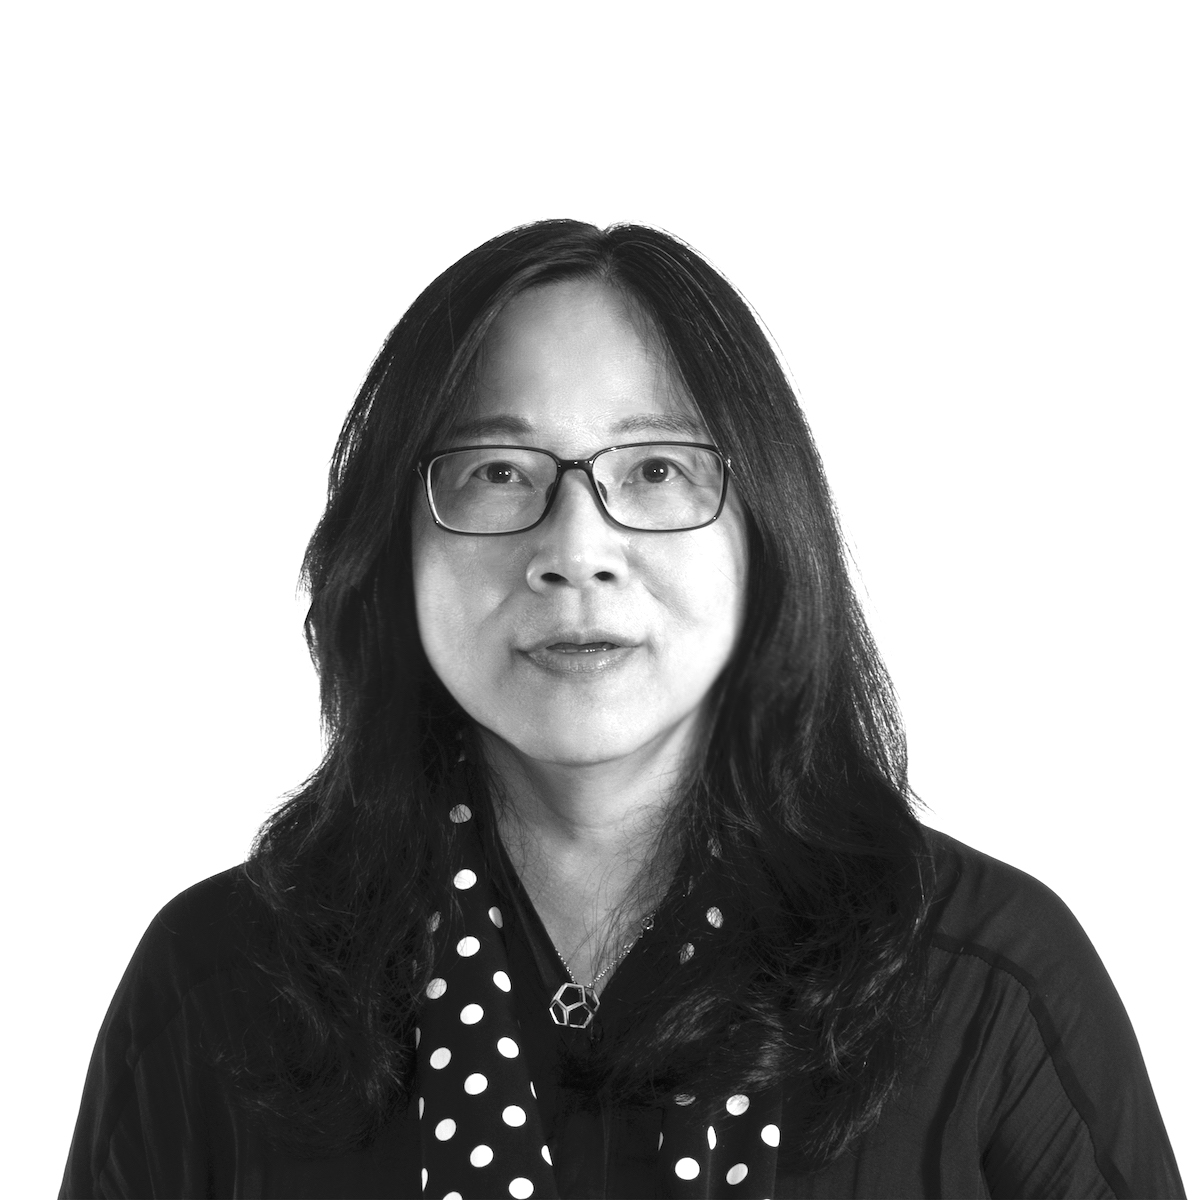 Wen-Shu Lai